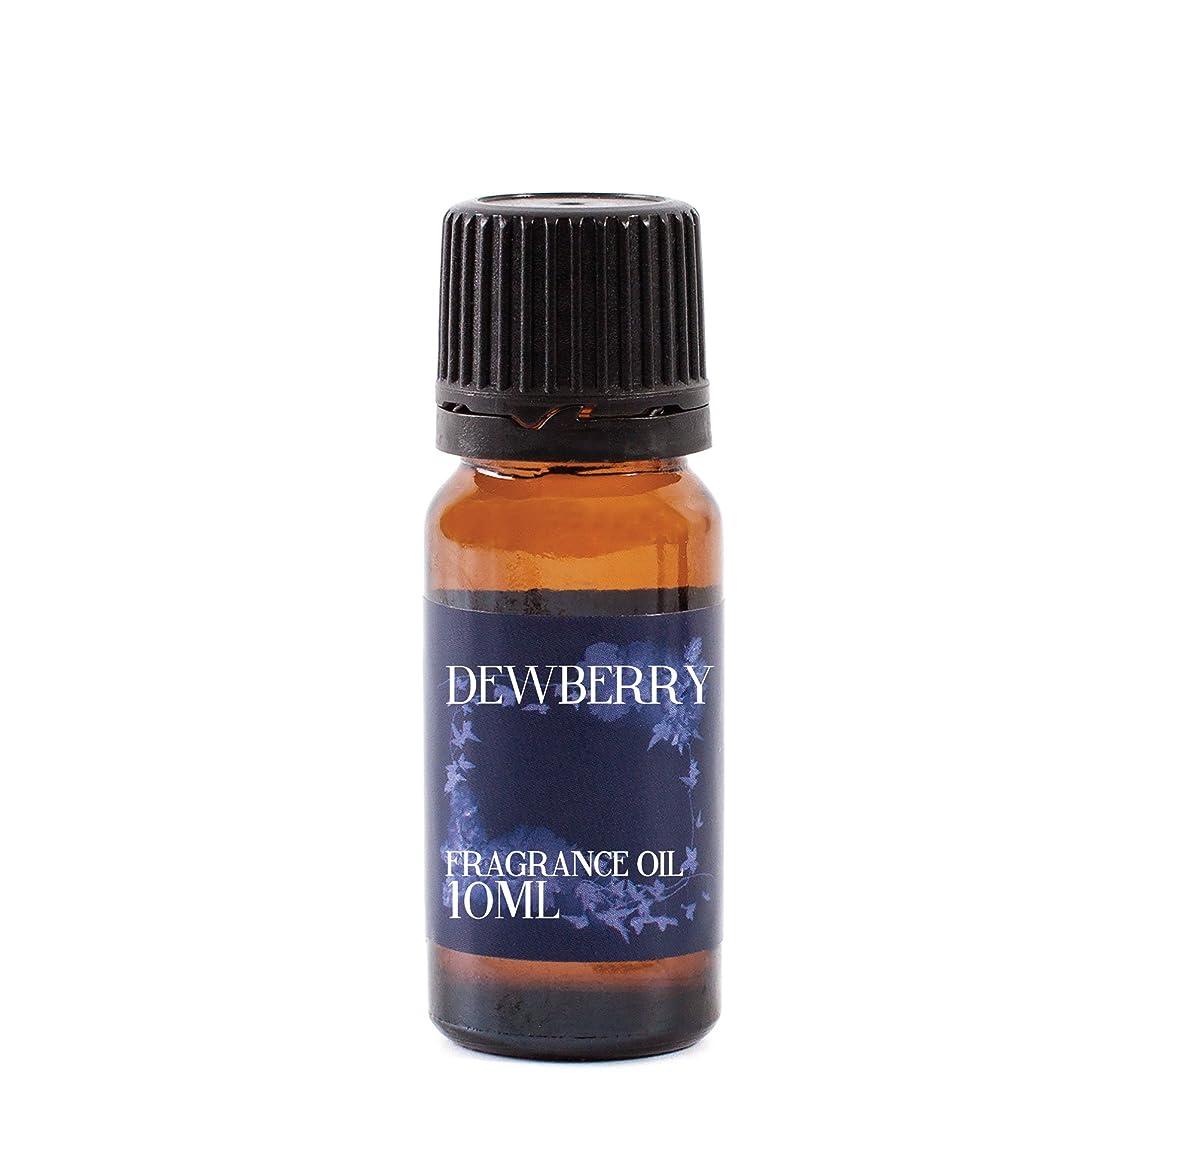 値定期的重要な役割を果たす、中心的な手段となるMystic Moments   Dewberry Fragrance Oil - 10ml